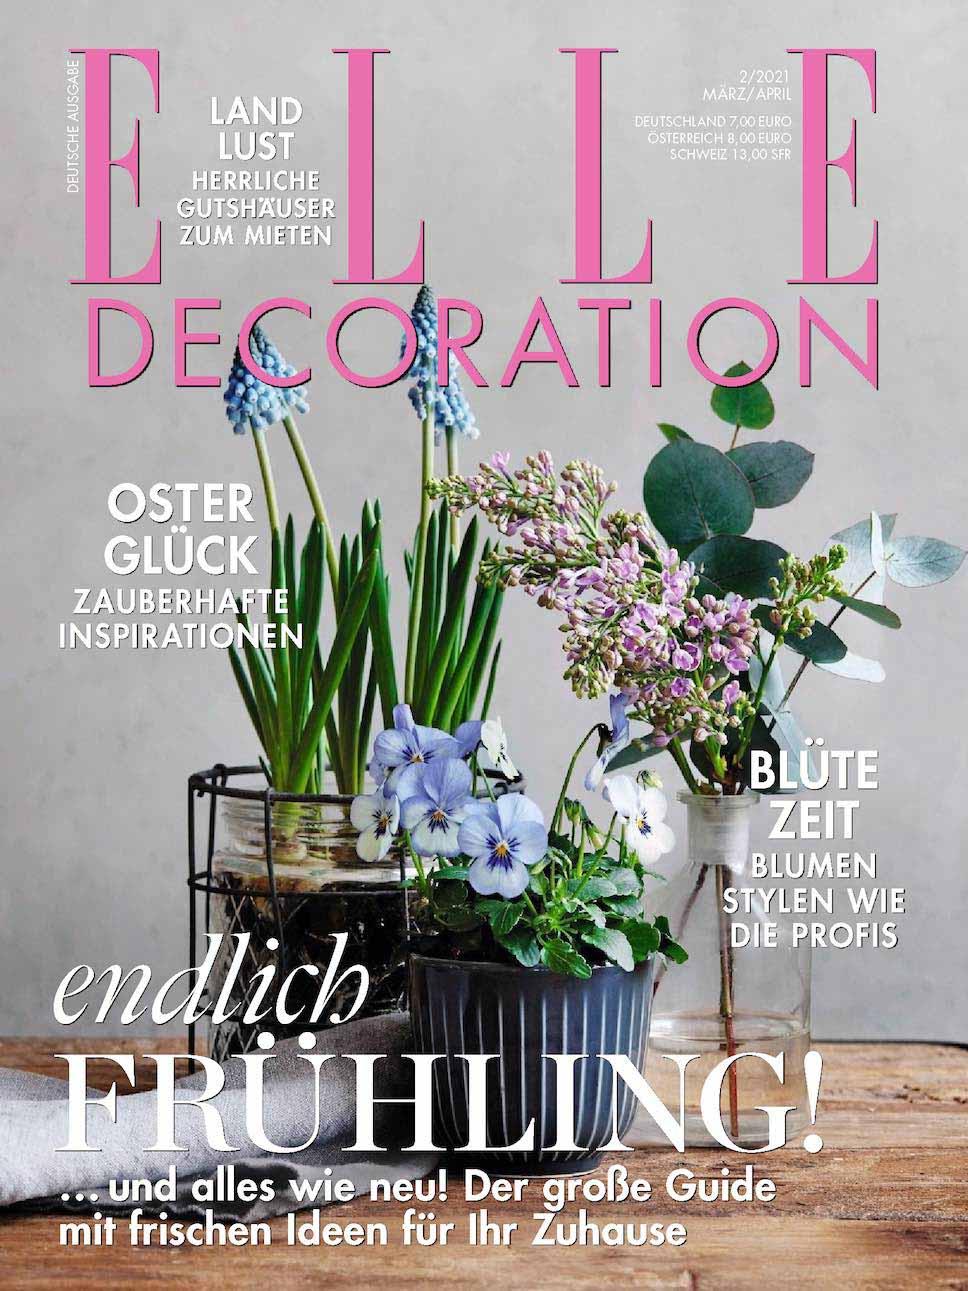 Elle Decoration_3-4-21_Cover_web